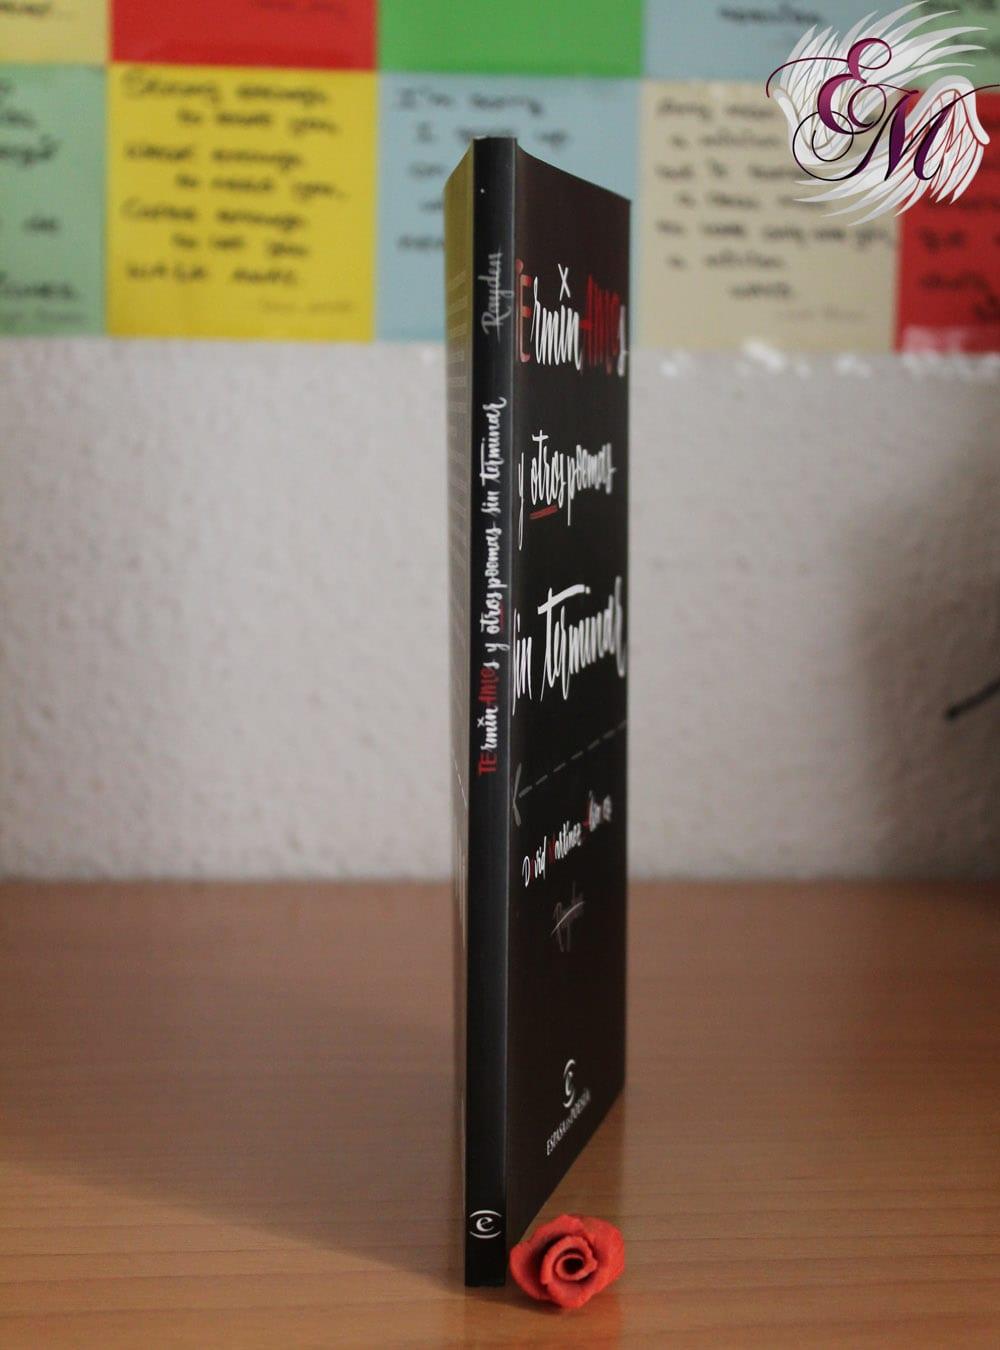 Terminamos y otros poemas sin terminar, de David Martínez Álvarez (Rayden) - Reseña